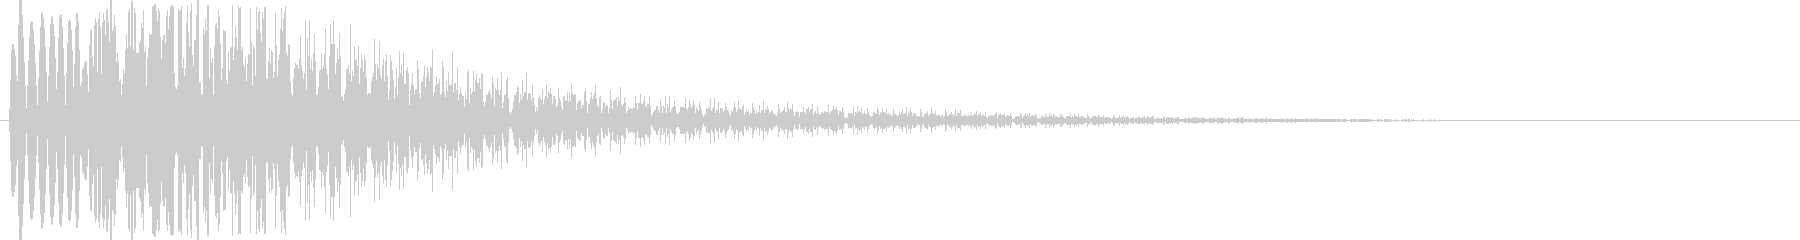 ワープ系の未再生の波形